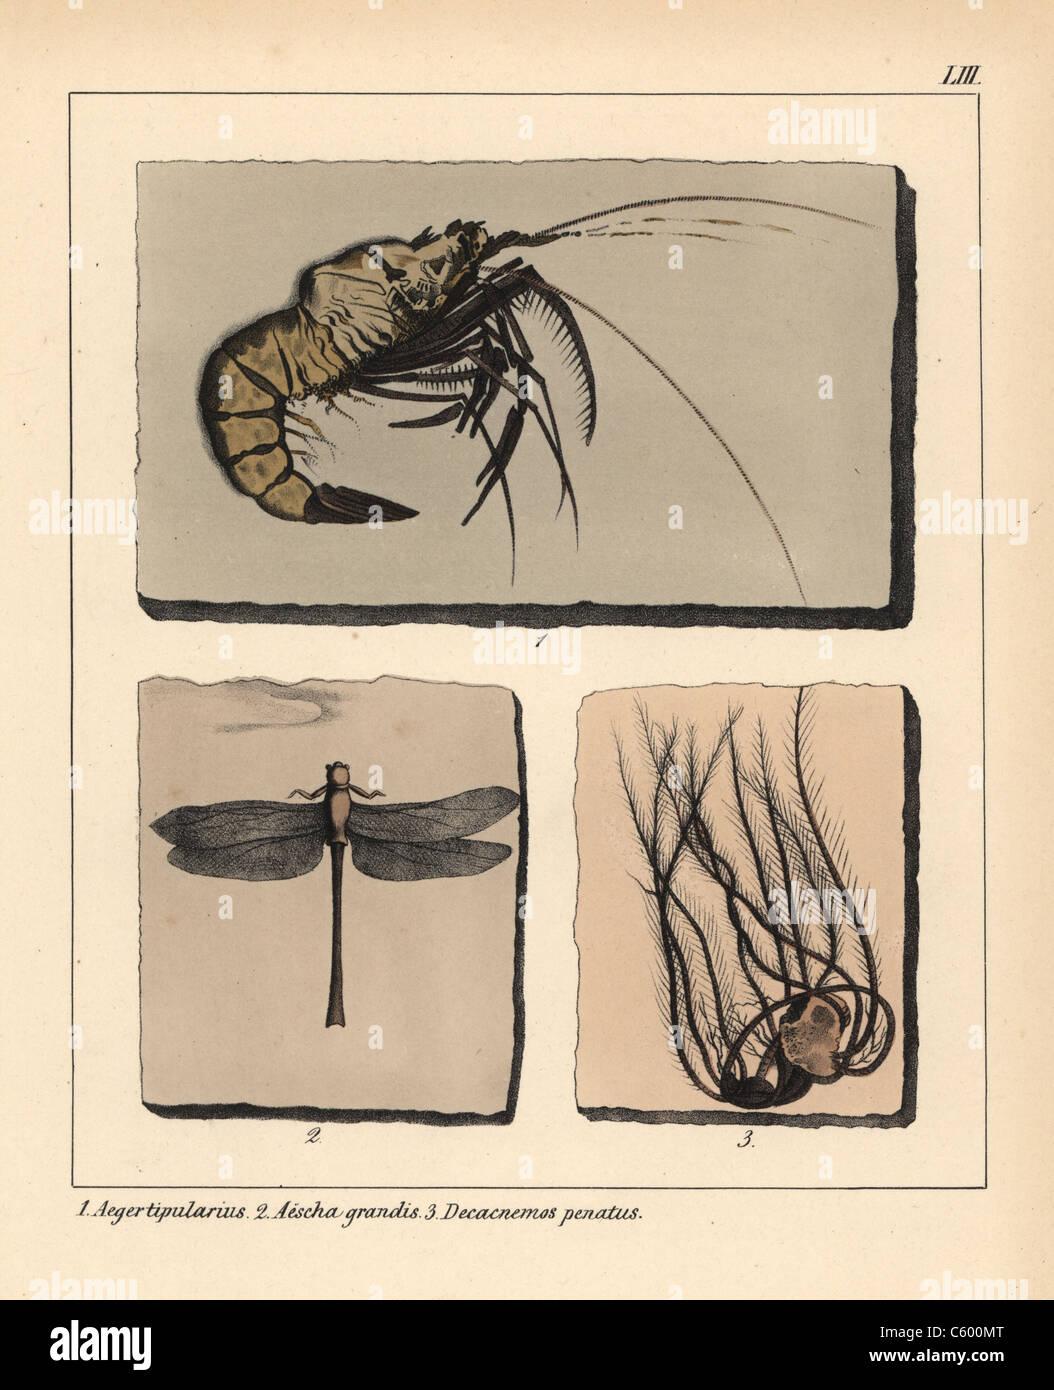 Los fósiles de la extinta jurassic gamba, dragonfly y decacnemos penatus. Foto de stock